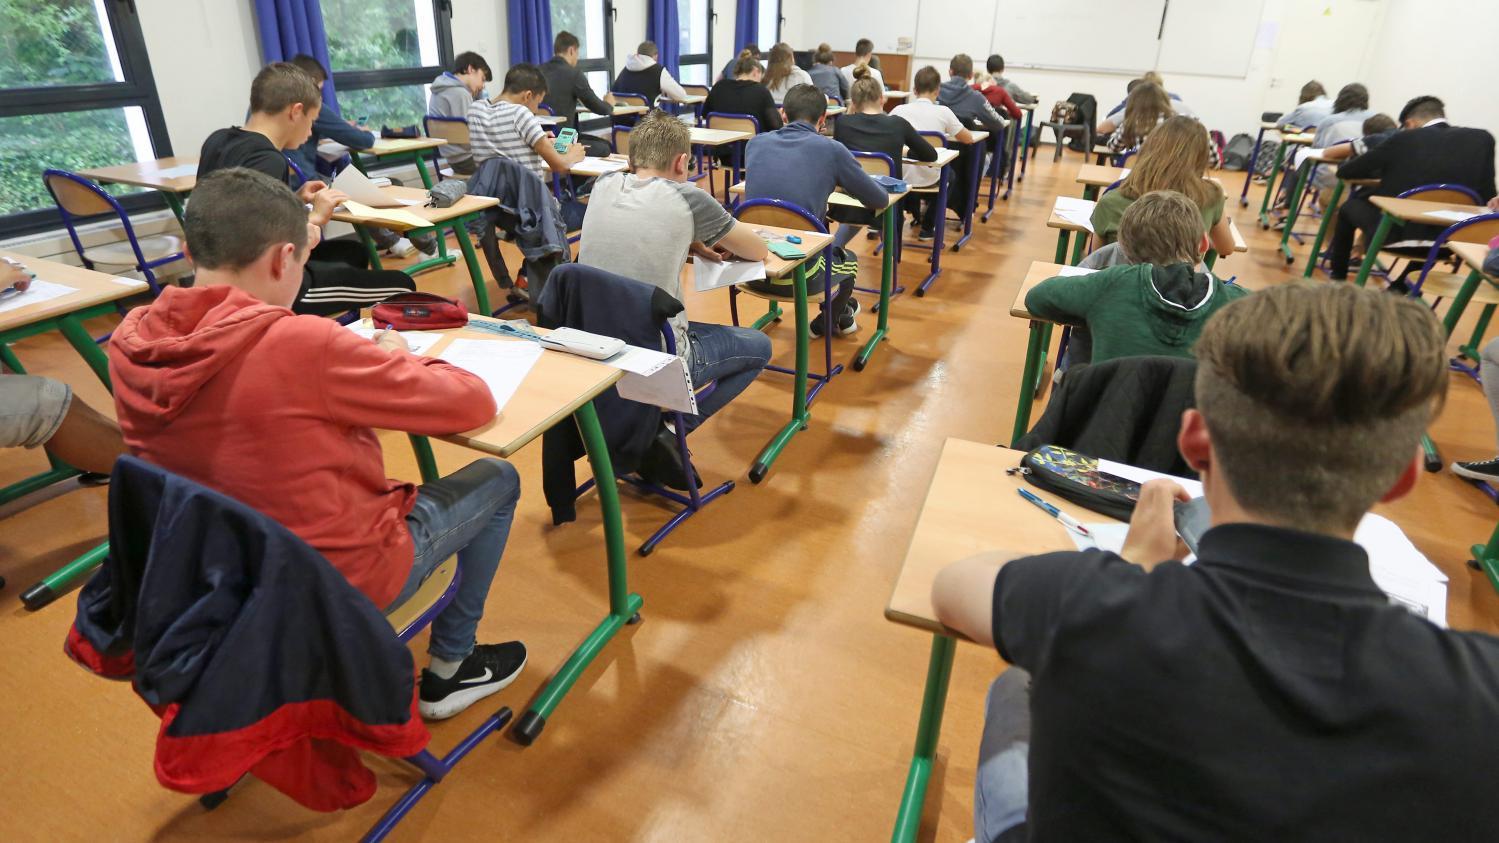 Cours et formations artistiques à Quimperlé (29300)  Spectable